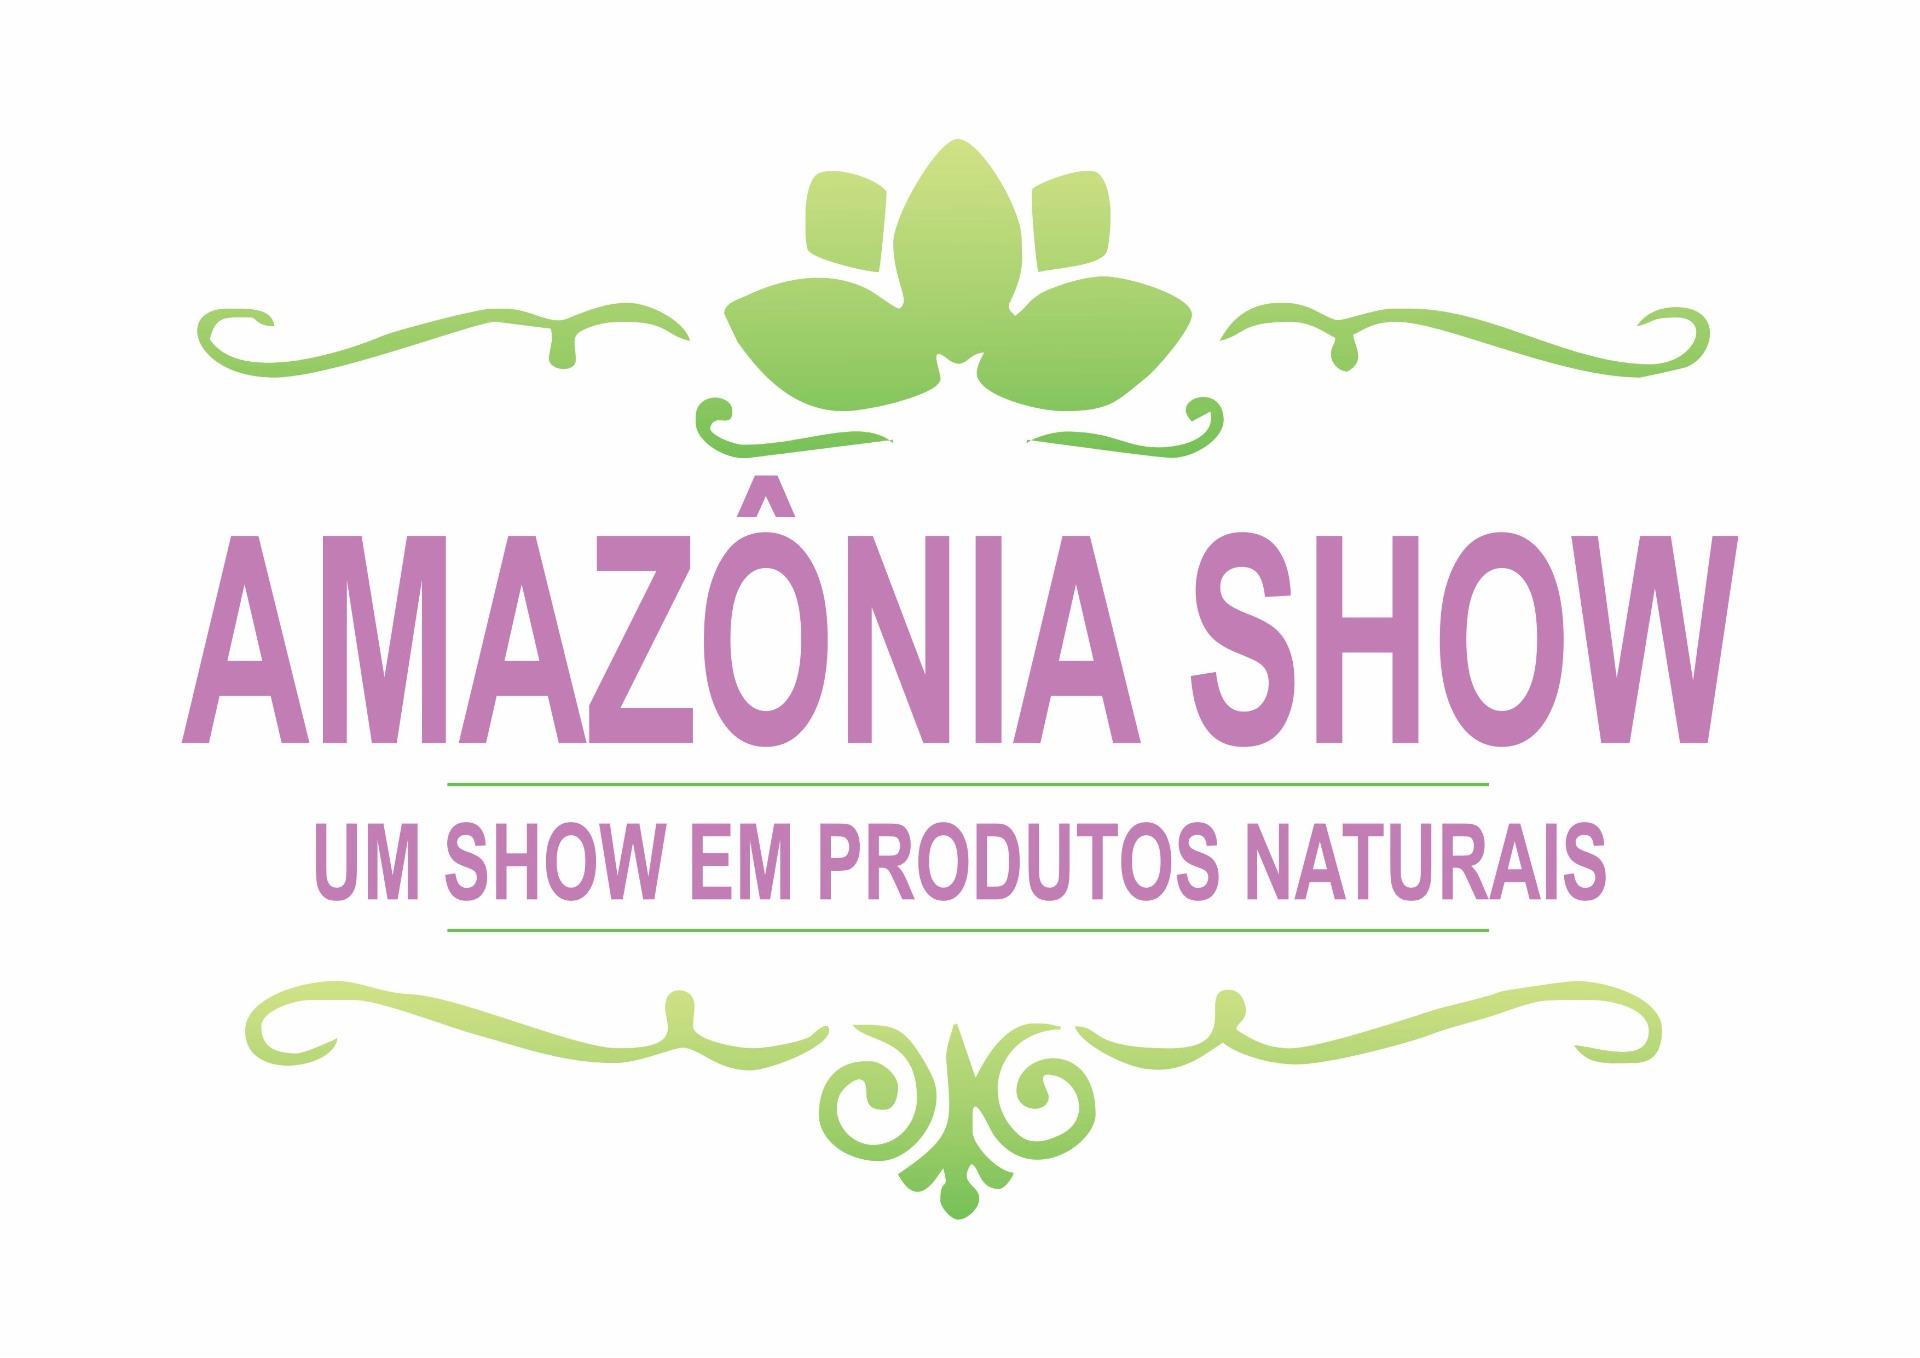 AMAZONIA SHOW